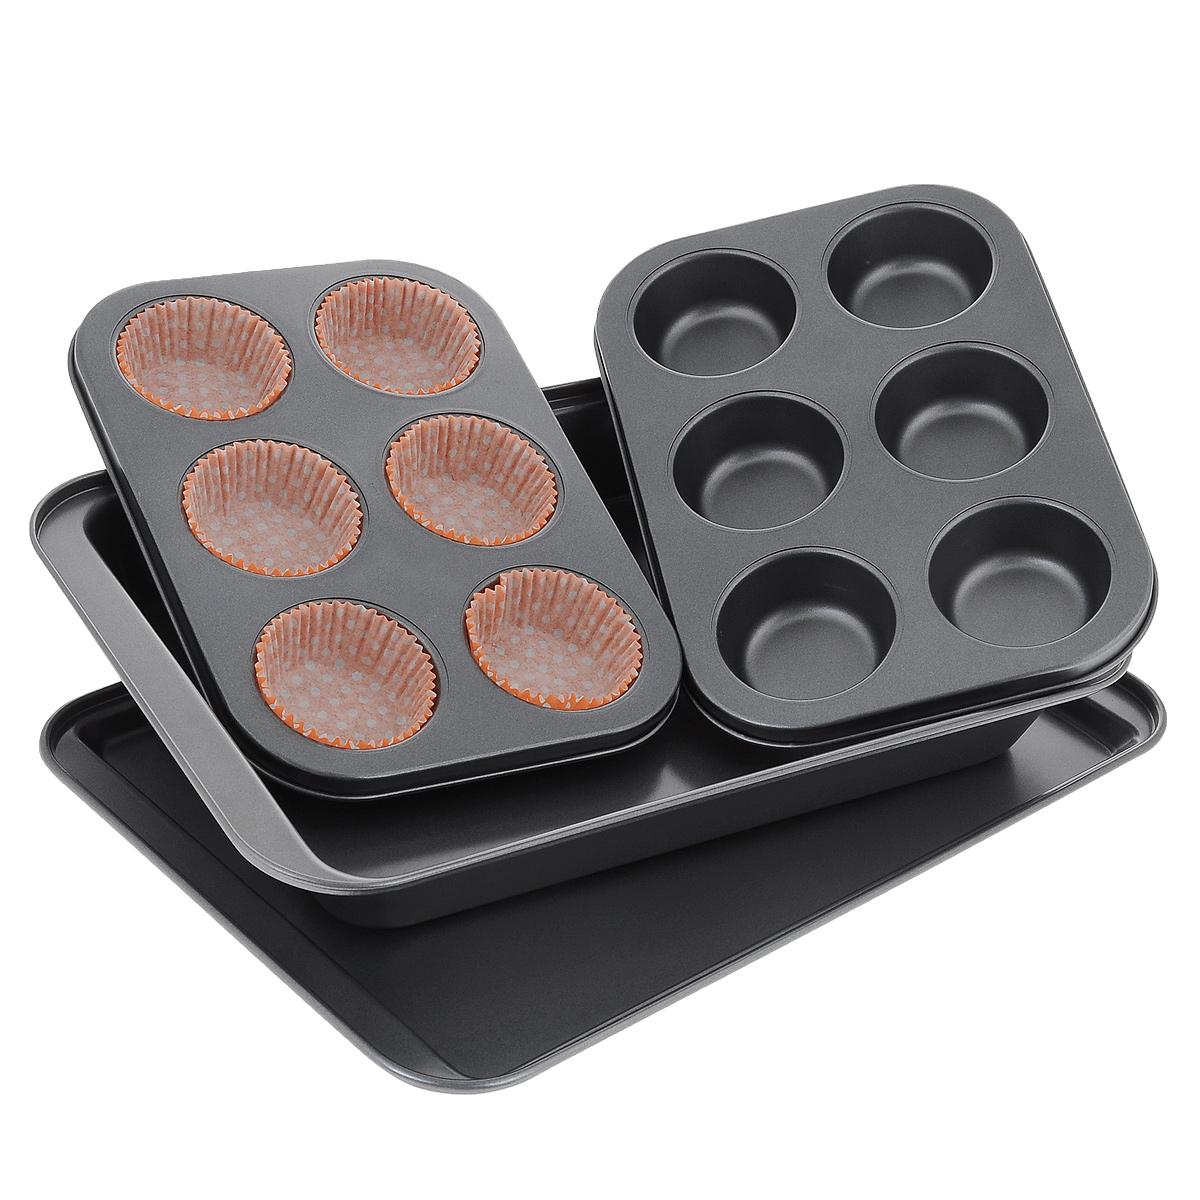 Набор жаропрочной посуды, 4 предметаSL-8016Набор жаропрочной посуды состоит из прямоугольного противня, прямоугольной формы для выпечки и двух форм для кексов с шестью круглыми ячейками на каждой (для одной из форм предусмотрено 6 рифленых салфеток для кексов). Посуда выполнена из углеродистой стали. Особое высокотехнологичное антипригарное покрытие препятствует пригоранию пищи и обеспечивает легкую очистку после использования. Функциональный набор пригодится любой хозяйке и поможет приготовить вкусную выпечку. Можно мыть в посудомоечной машине. Не использовать абразивные моющие средства и мочалки.